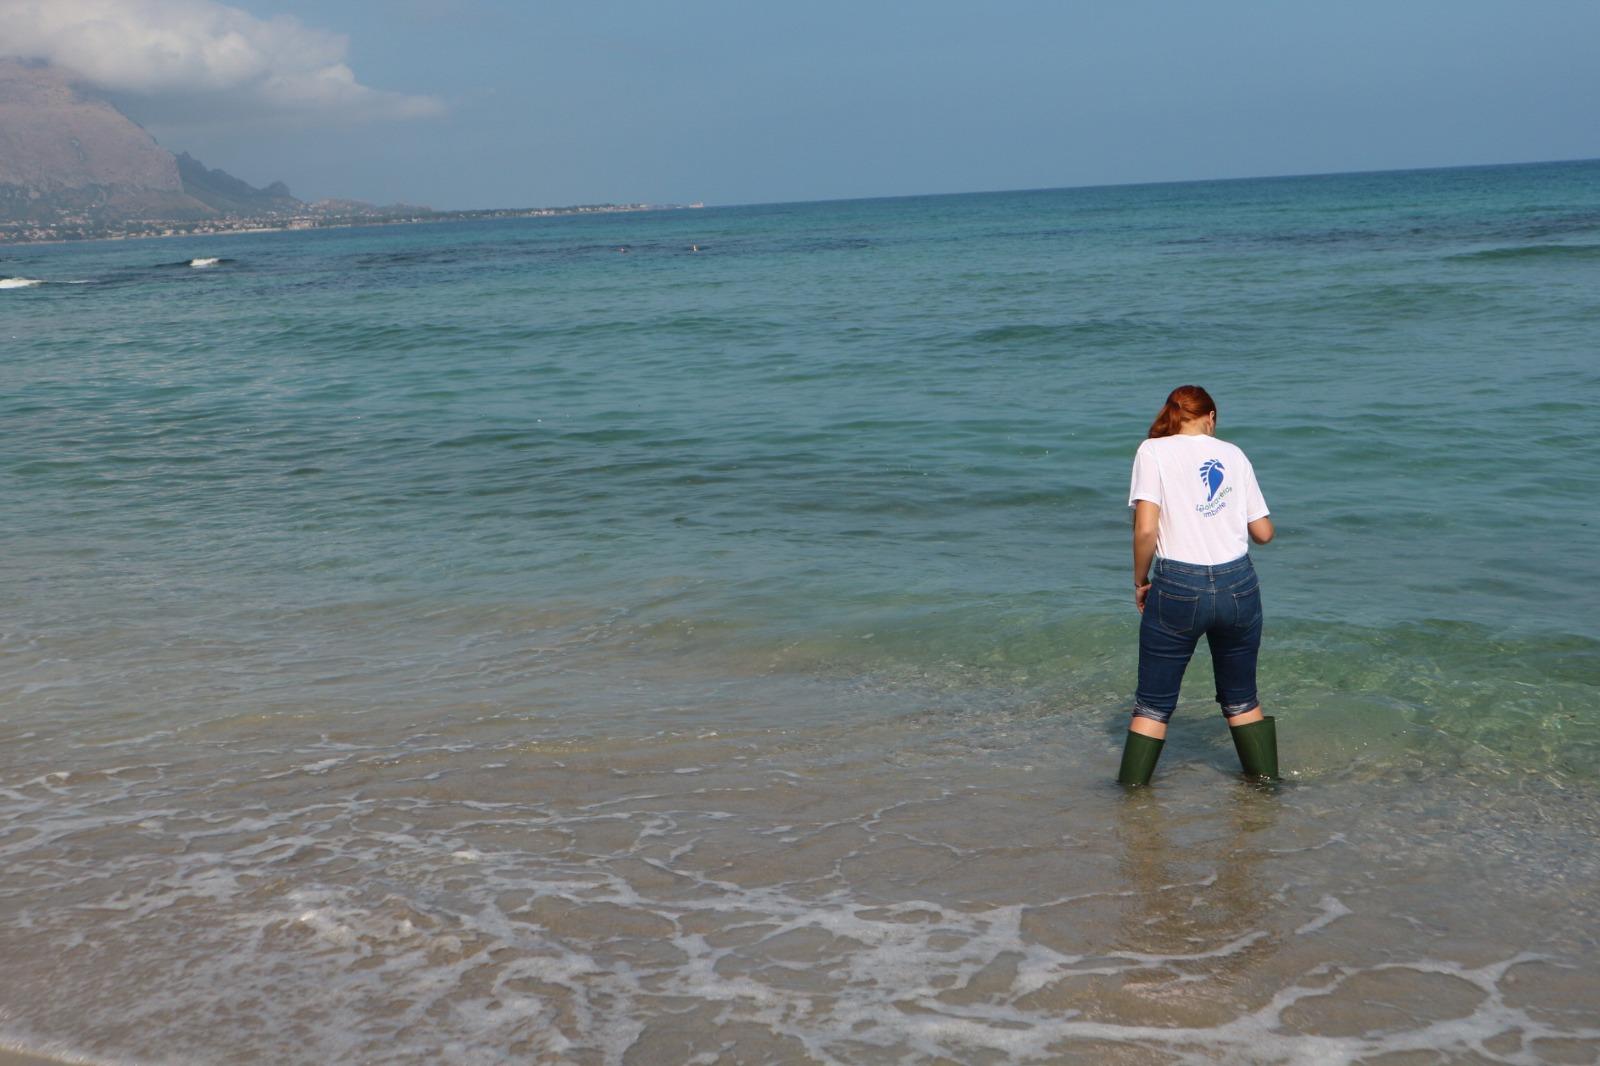 Mare inquinato in Sicilia: 15 punti su 26 analizzati da Legambiente risultato fuori norma